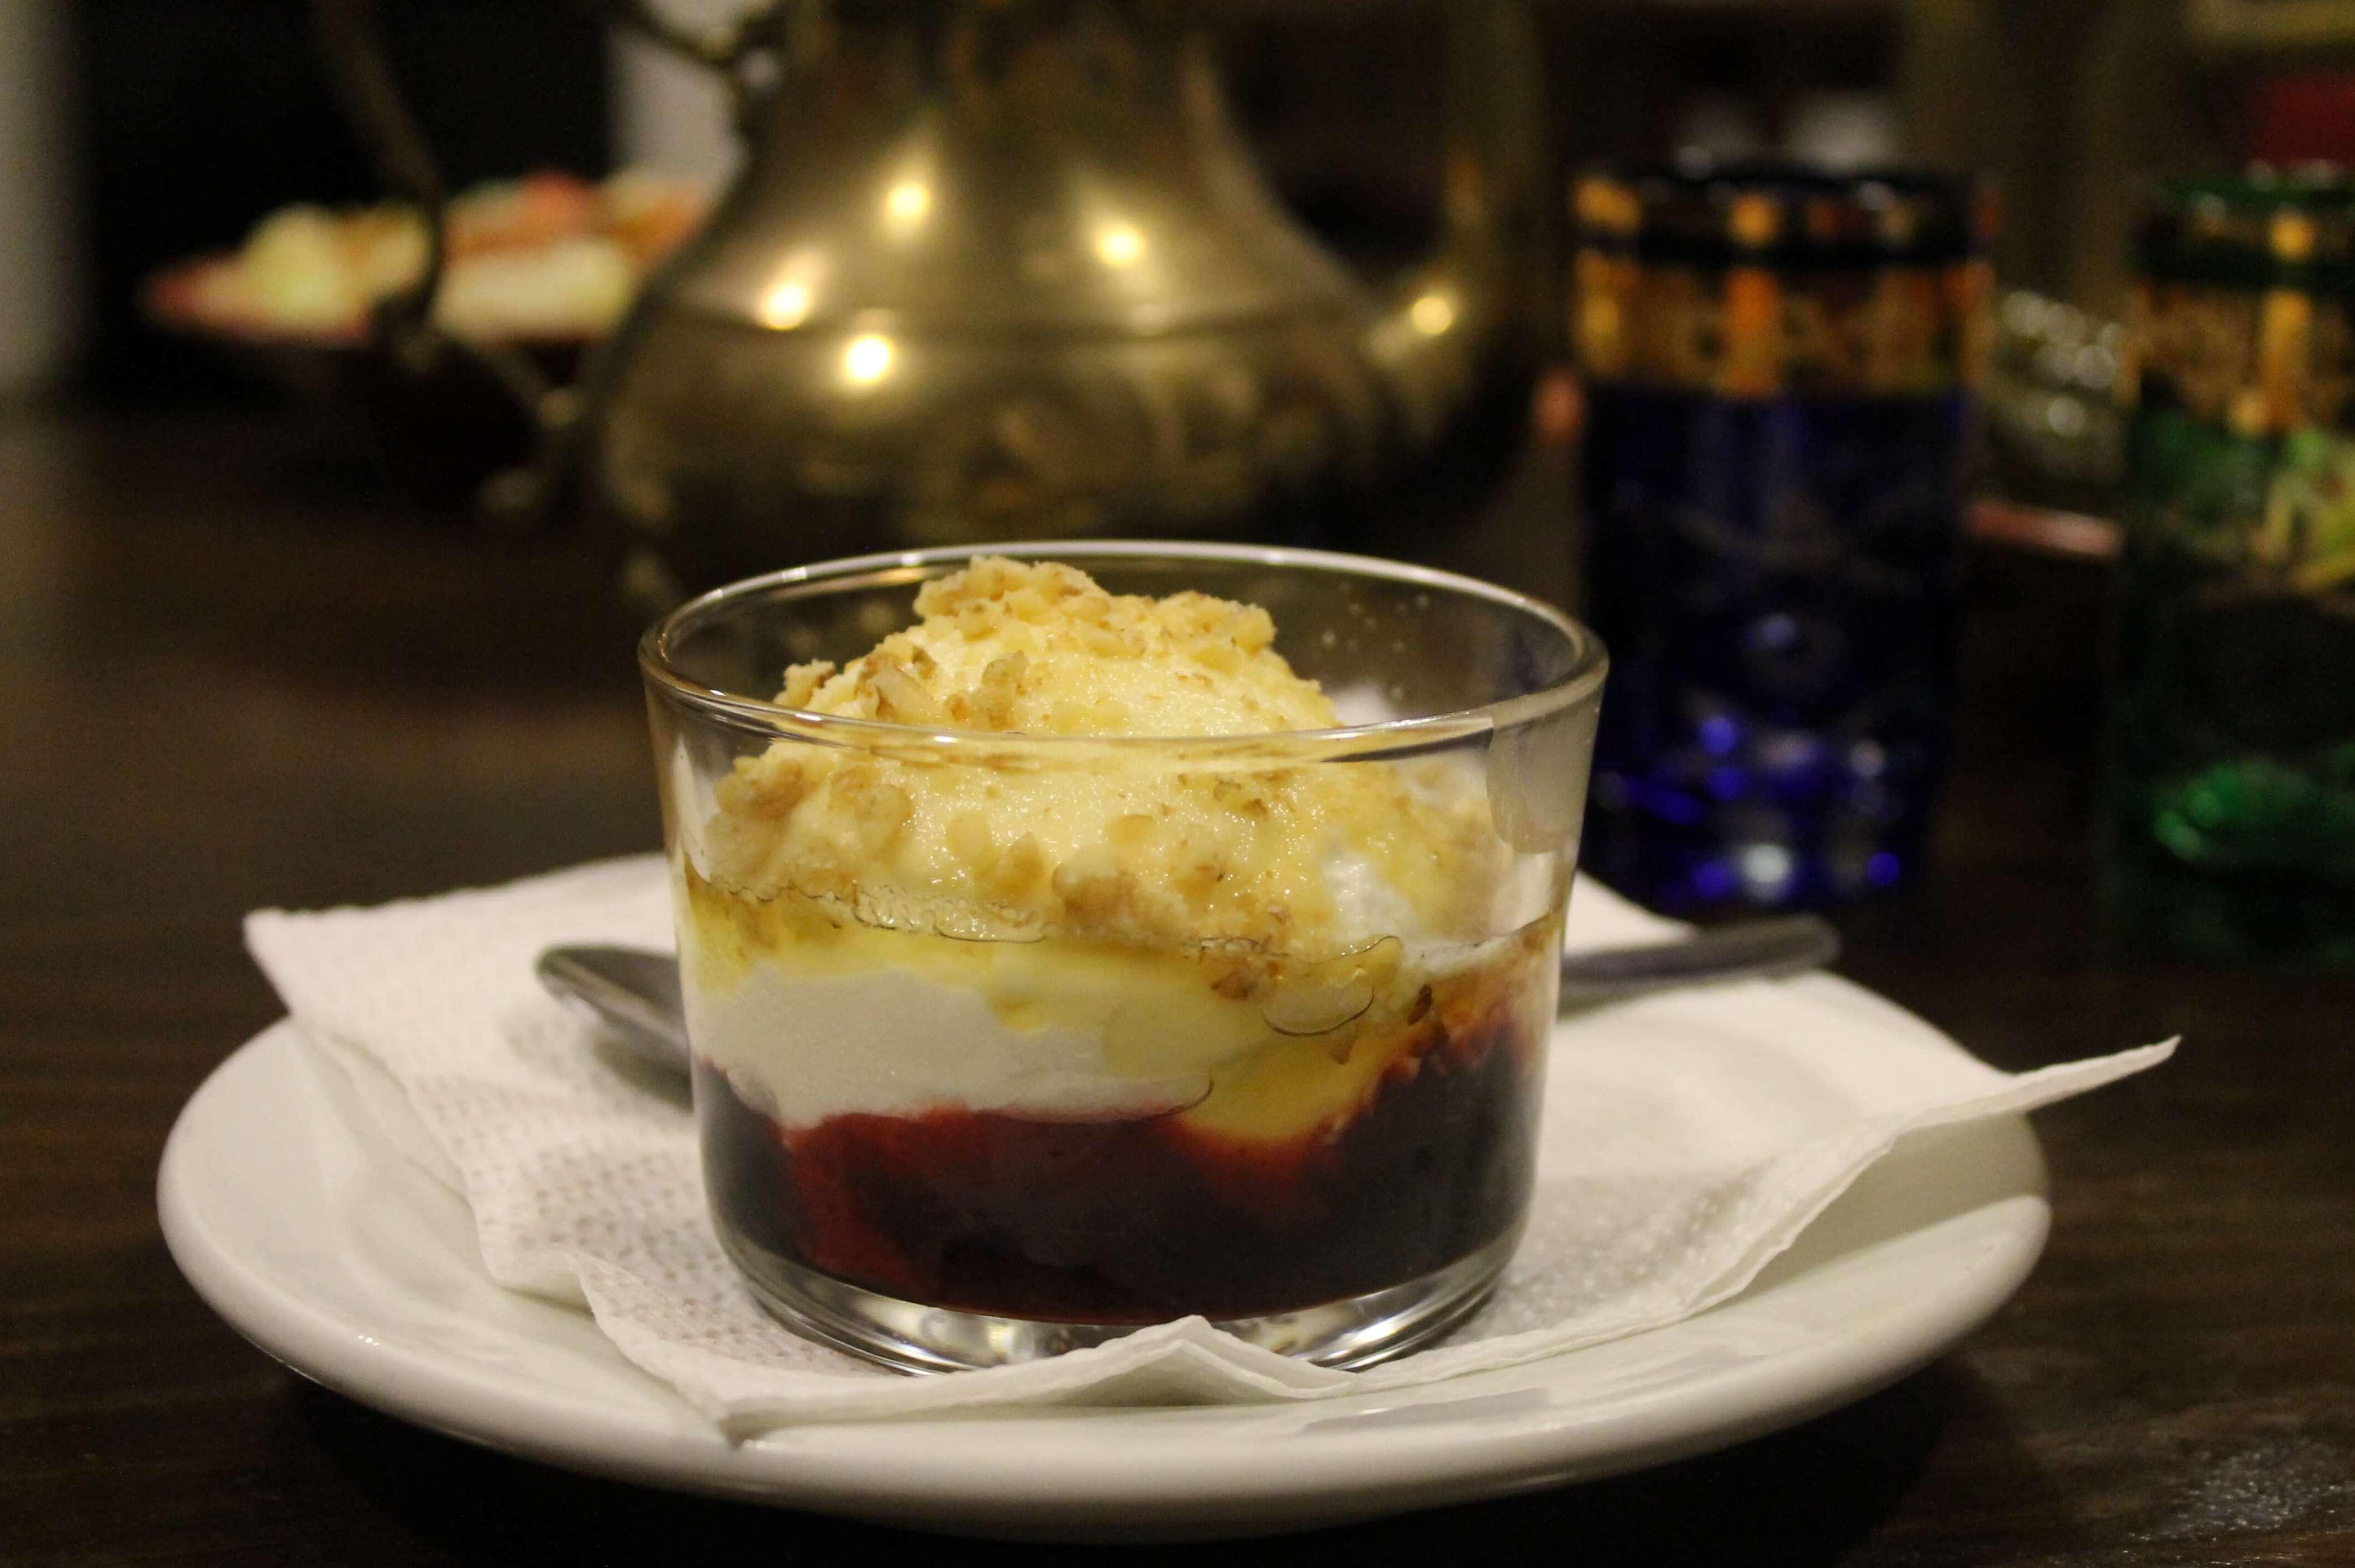 Yogur al estilo libanés - Restaurante Mataró - Les Mil i Una Nits